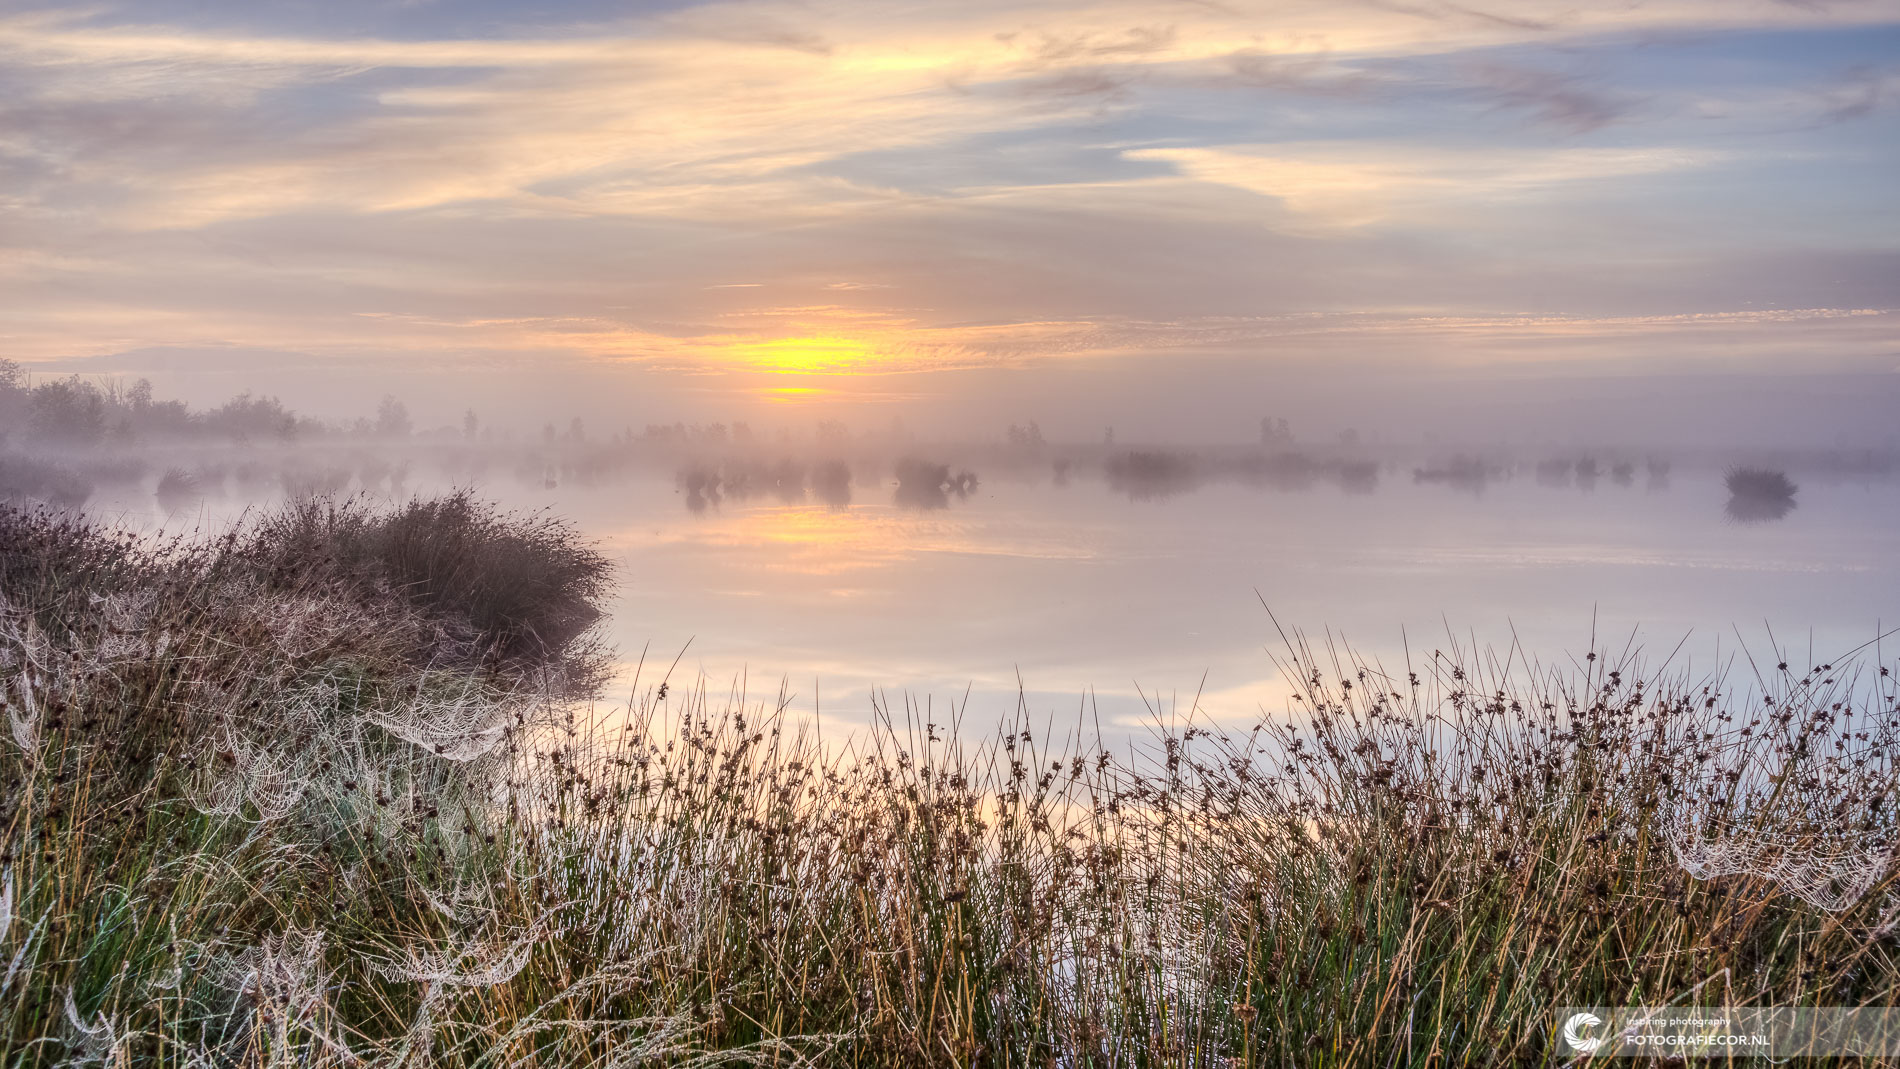 Pastelachtige zonsopkomst Nationaal landschap Dwingelderveld | Landschapsfotograaf